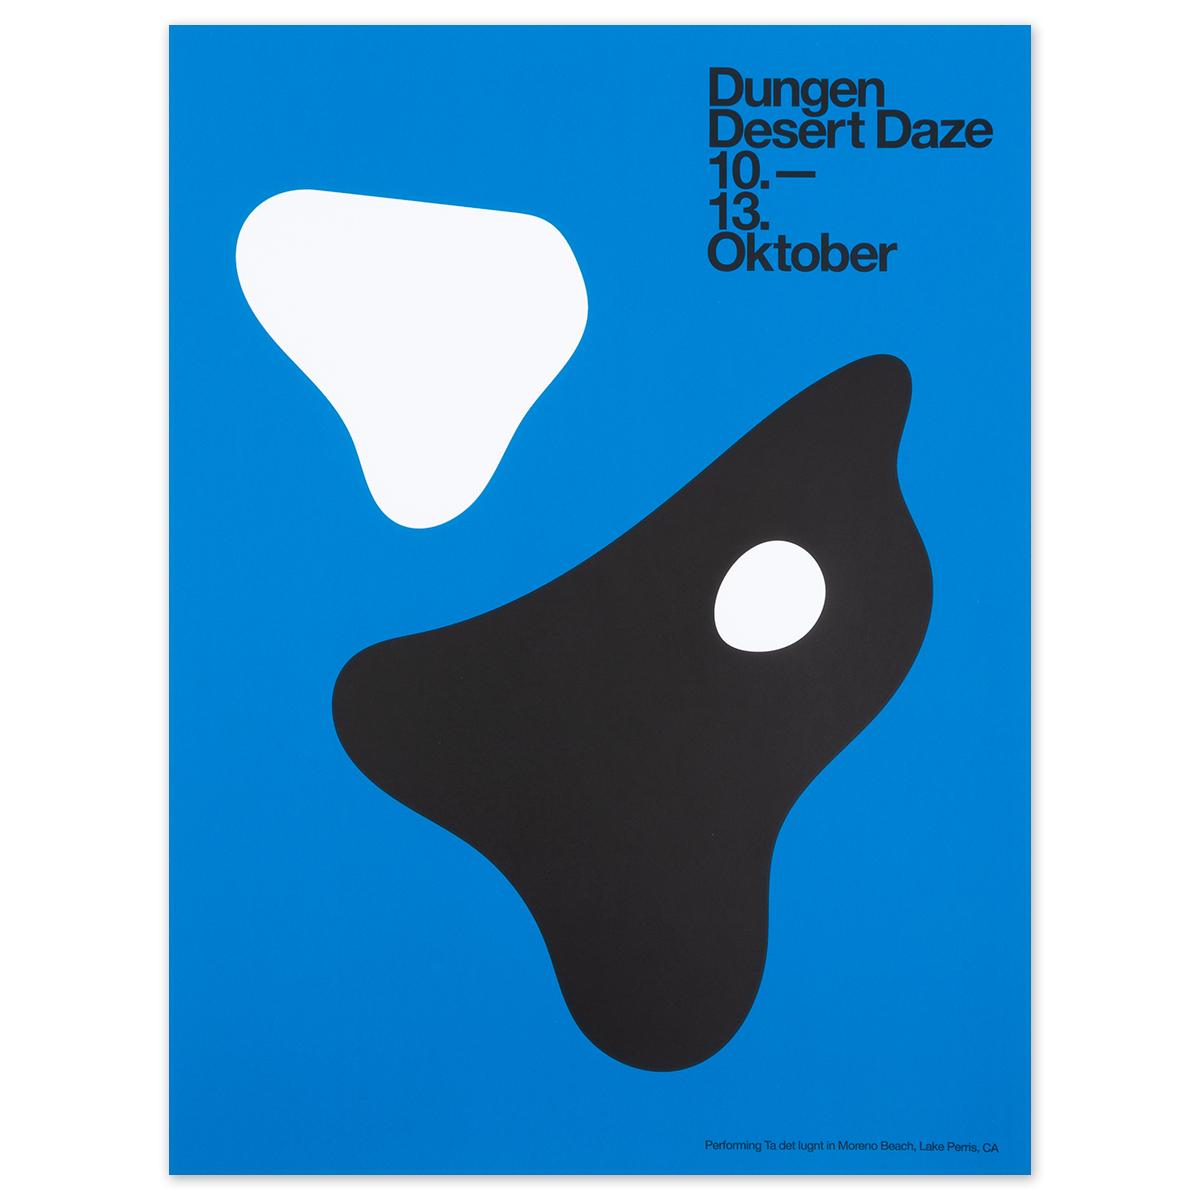 2019 Dungen poster by John Zabawa